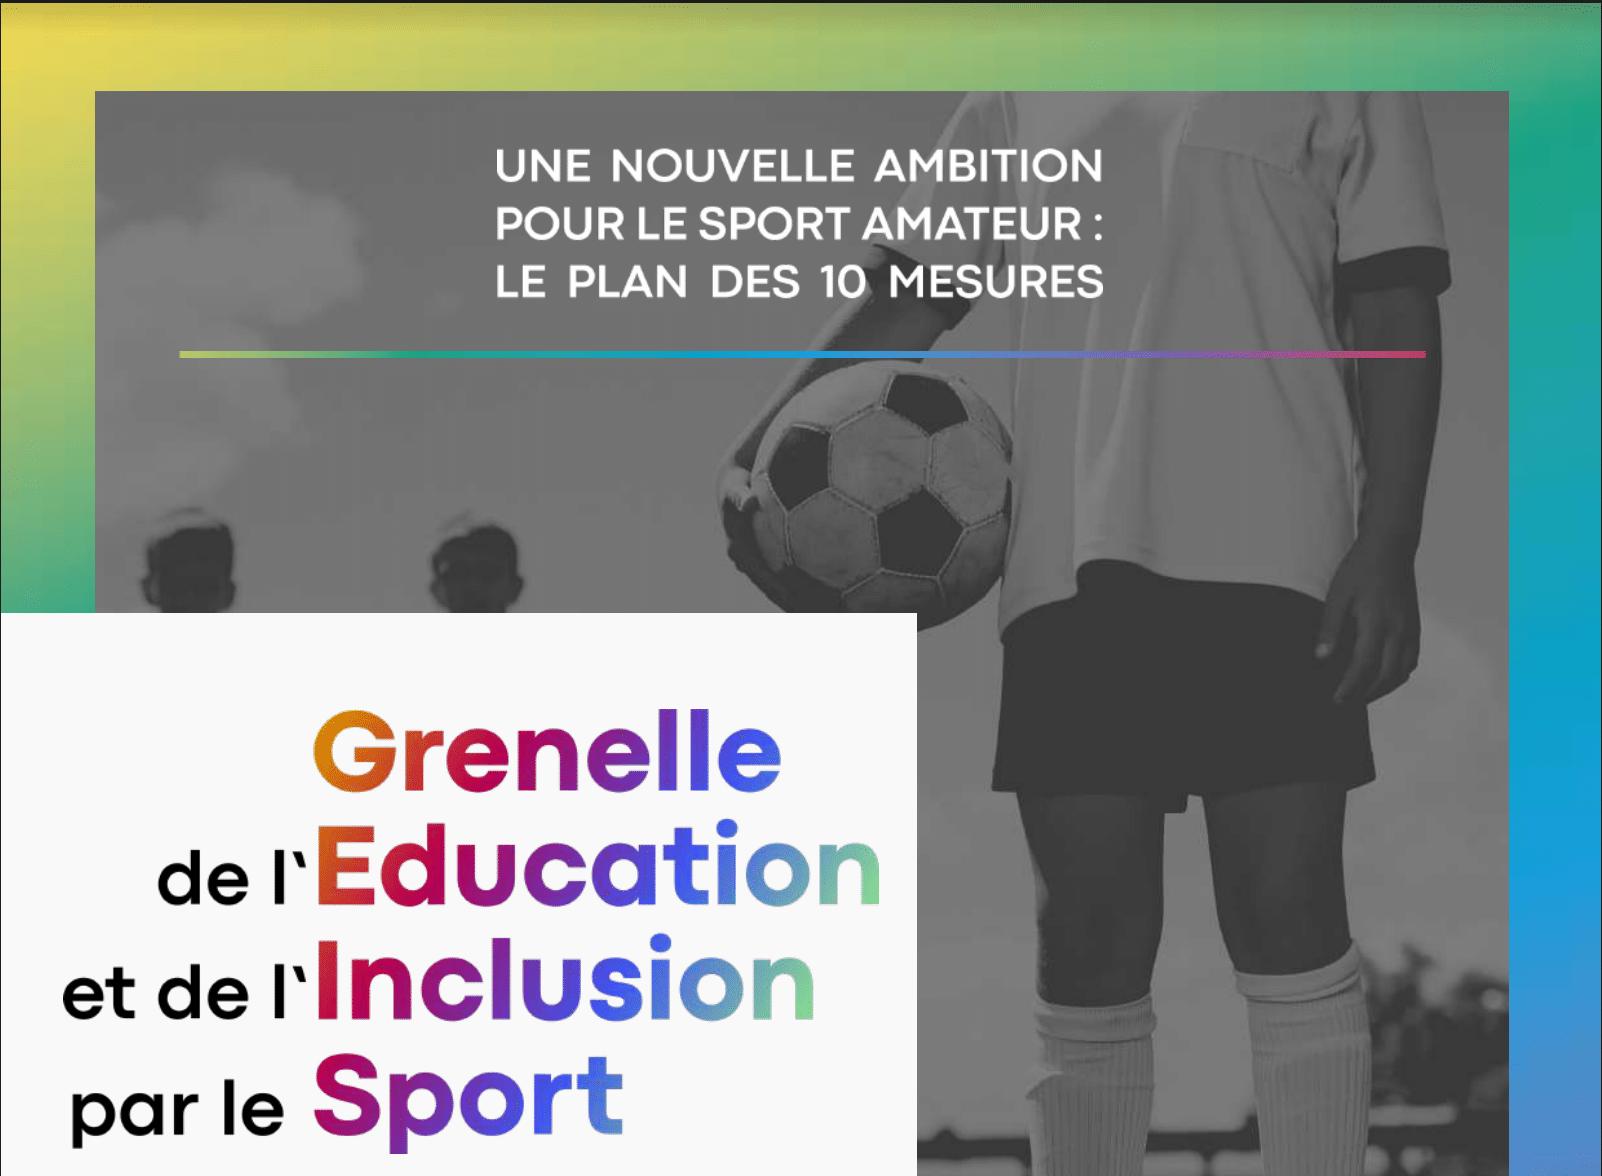 Le plan des 10 mesures du Grenelle de l'éducation et de l'inclusion par le sport